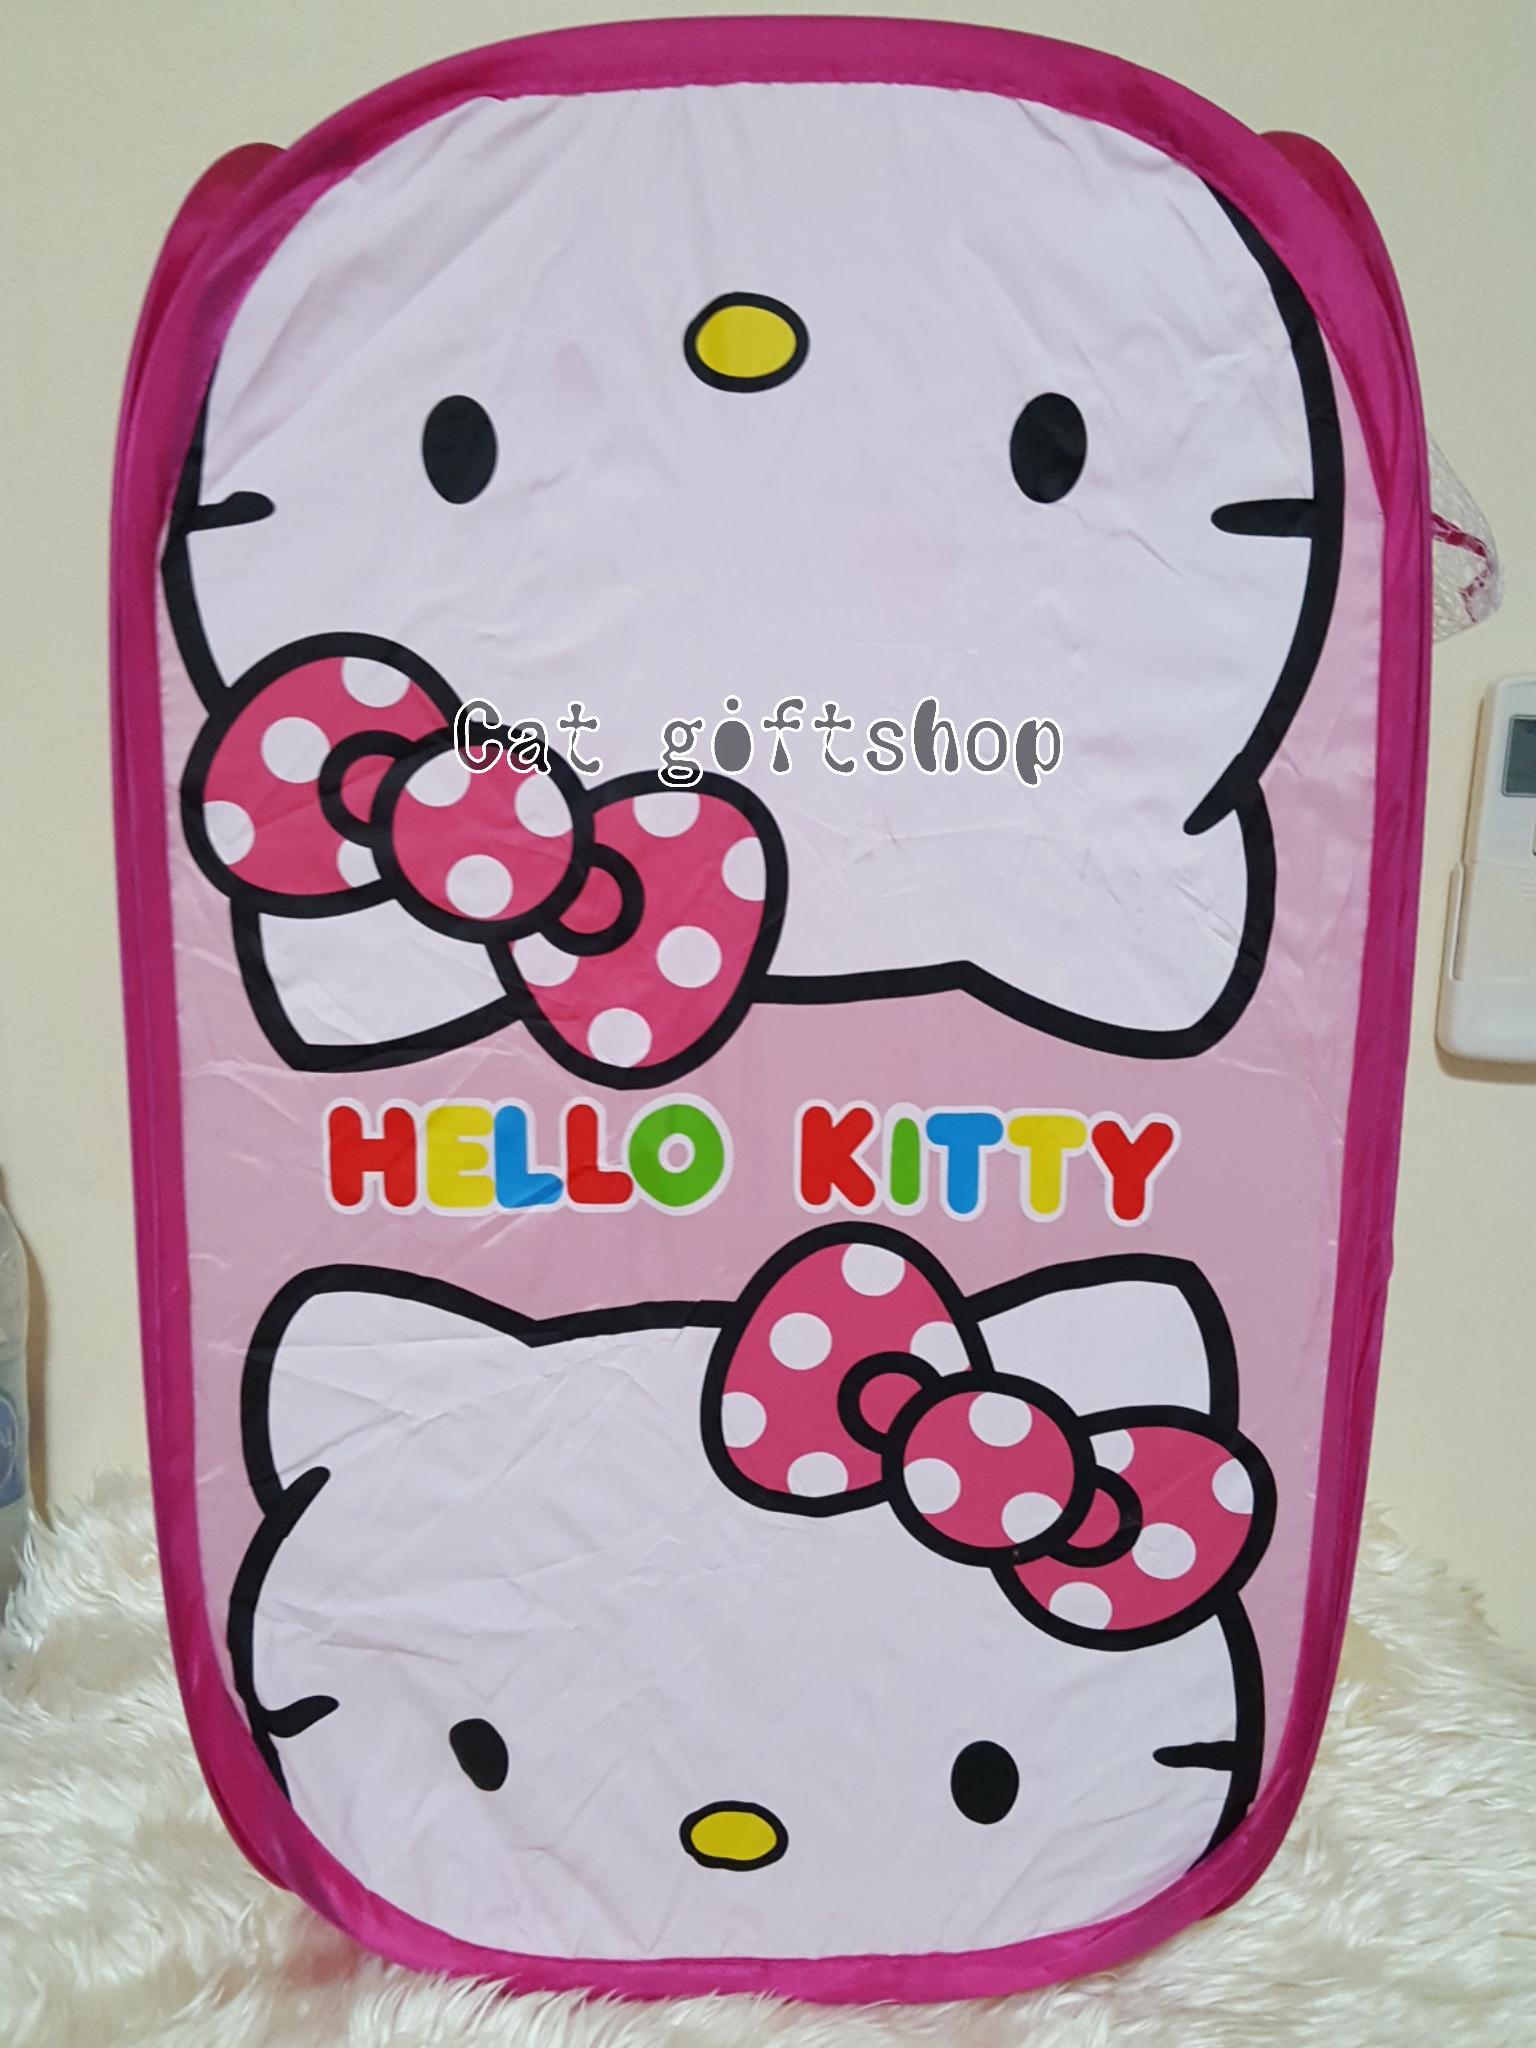 พร้อมส่ง :: ตะกร้าตาข่าย พบได้ ลาย Hello kitty 2